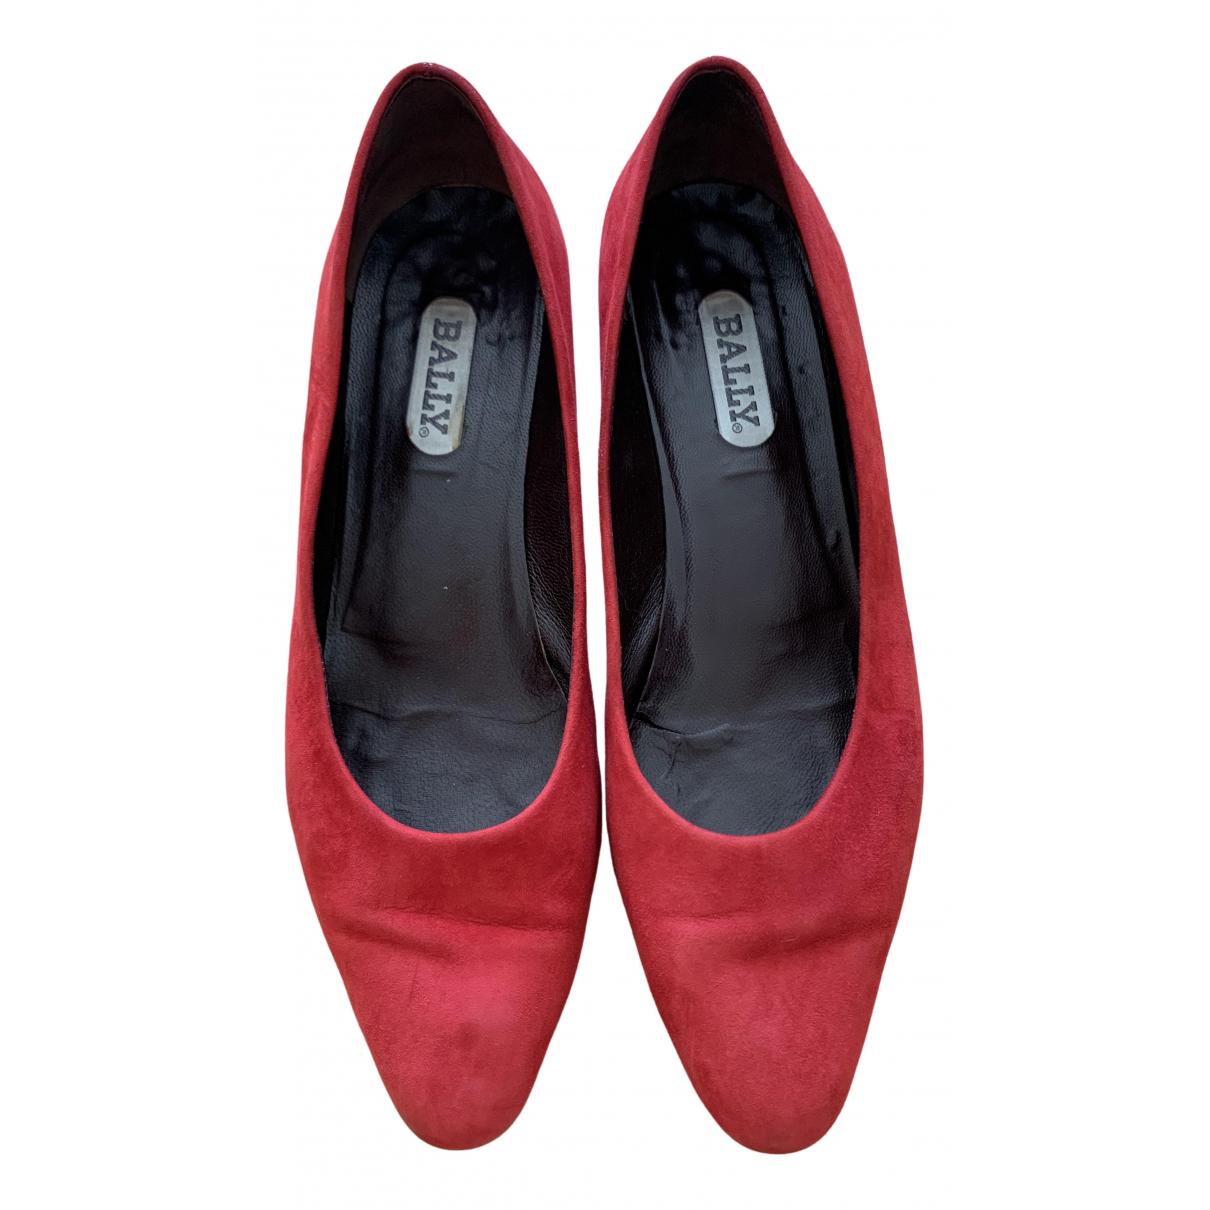 Bally - Escarpins   pour femme en suede - rouge